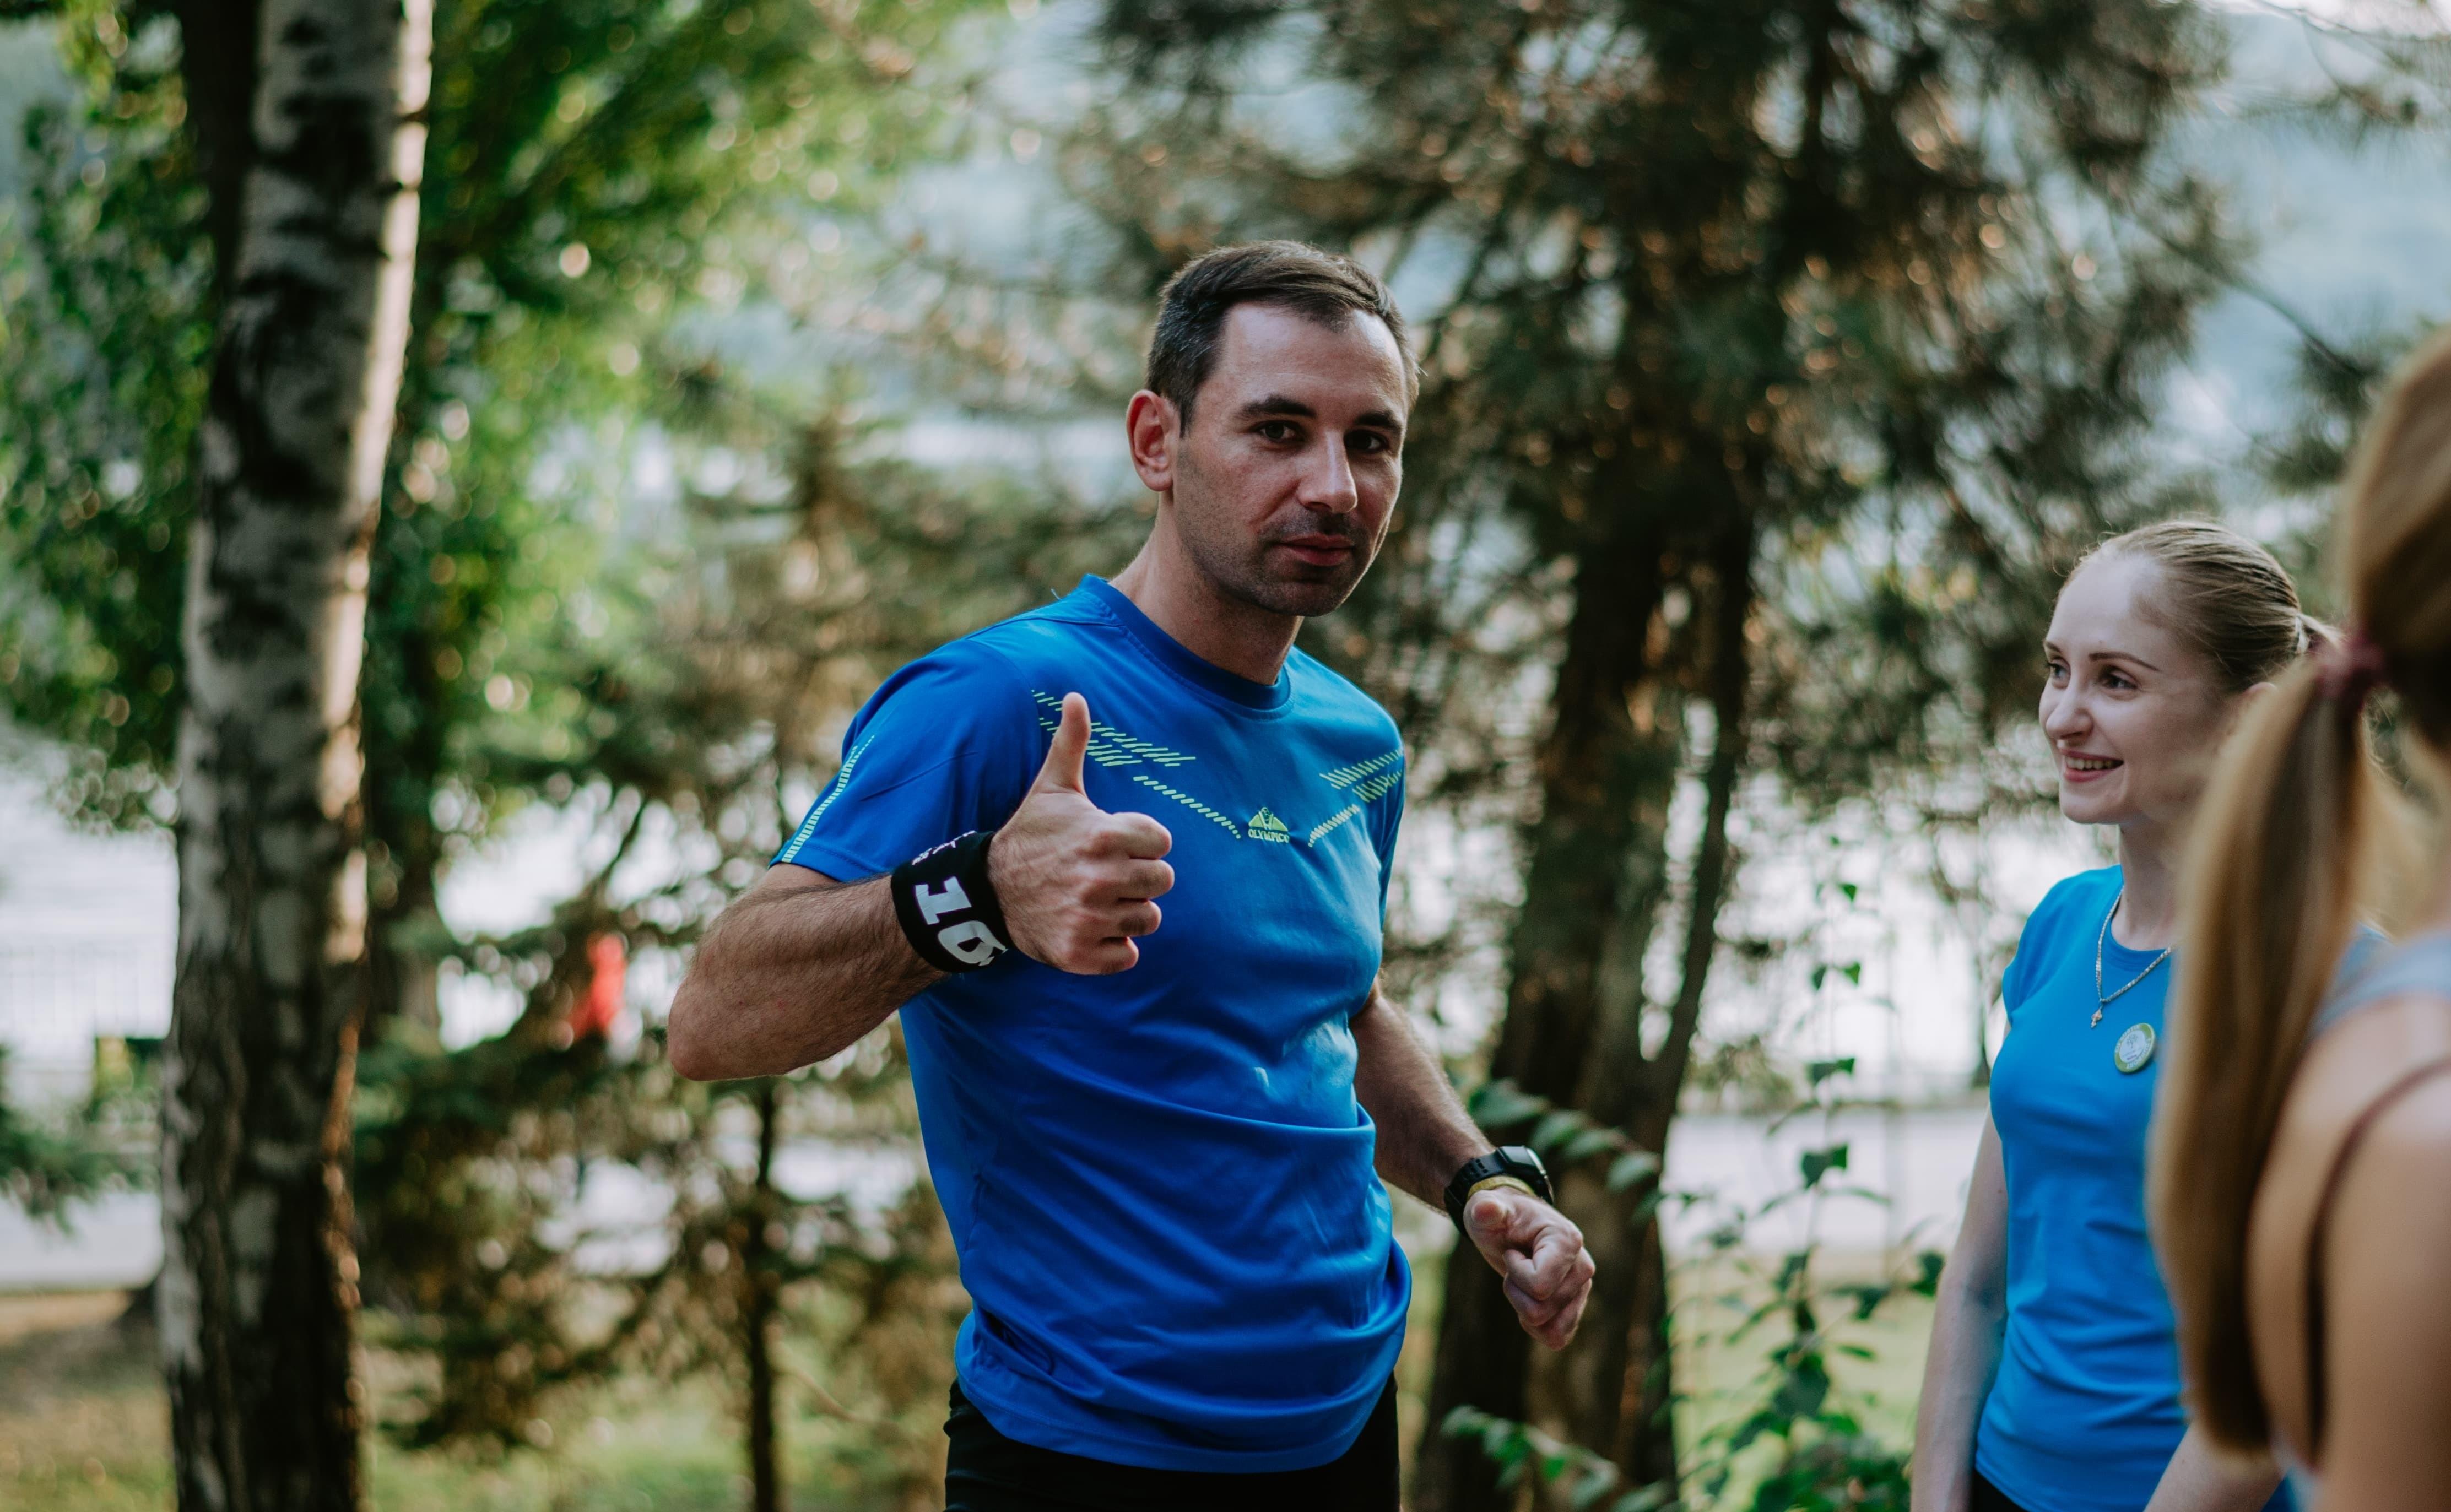 (foto) Îmbină utilul cu plăcutul. Participă la Chișinău International Marathon și fă un act de caritate